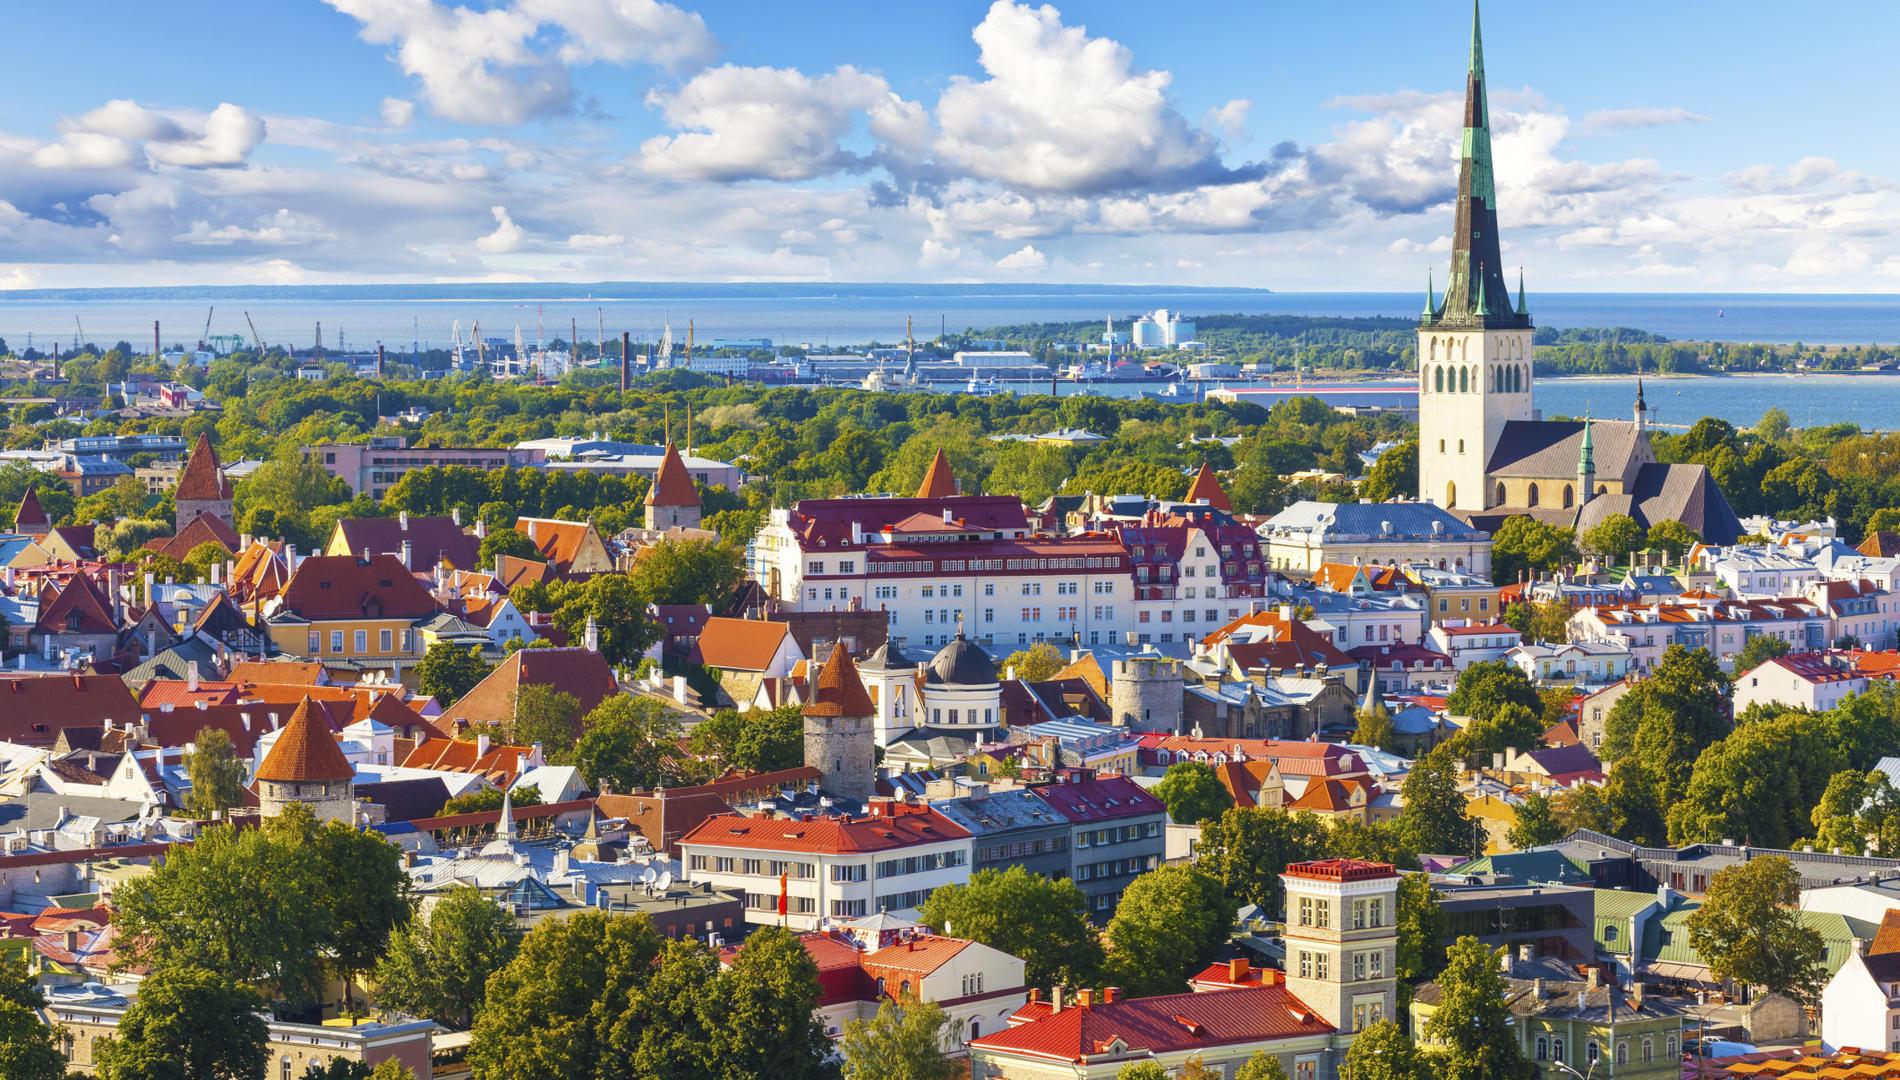 ¿Cuál de estas ciudades europeas son en sí Patrimonio de la Humanidad de la UNESCO?